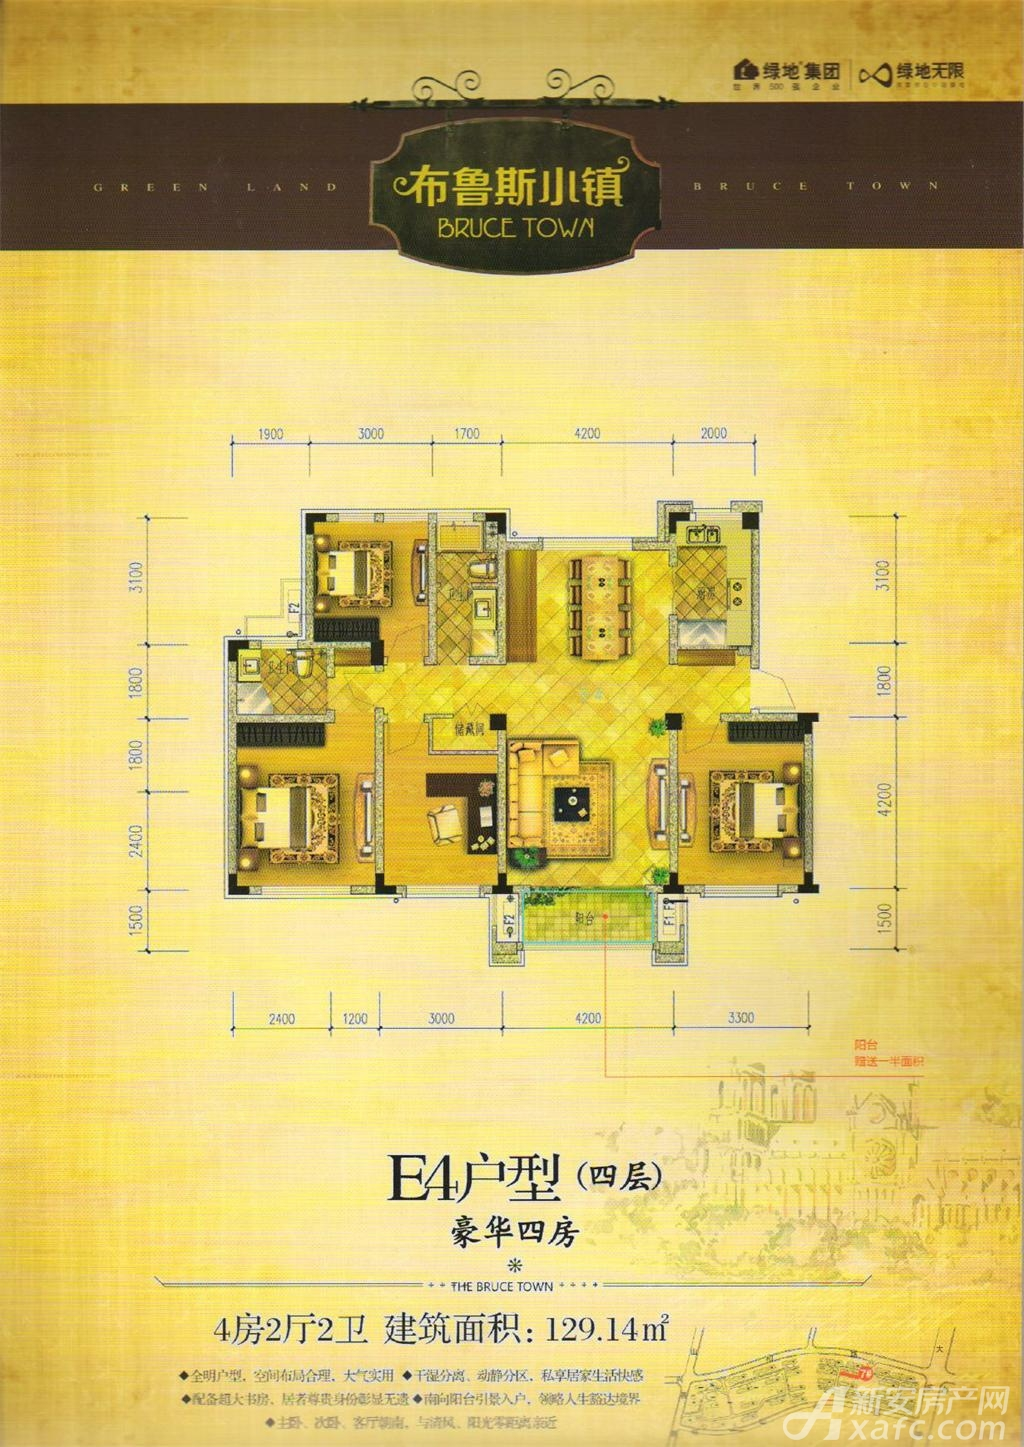 绿地世纪城绿地世纪城E4户型4室2厅129.14平米